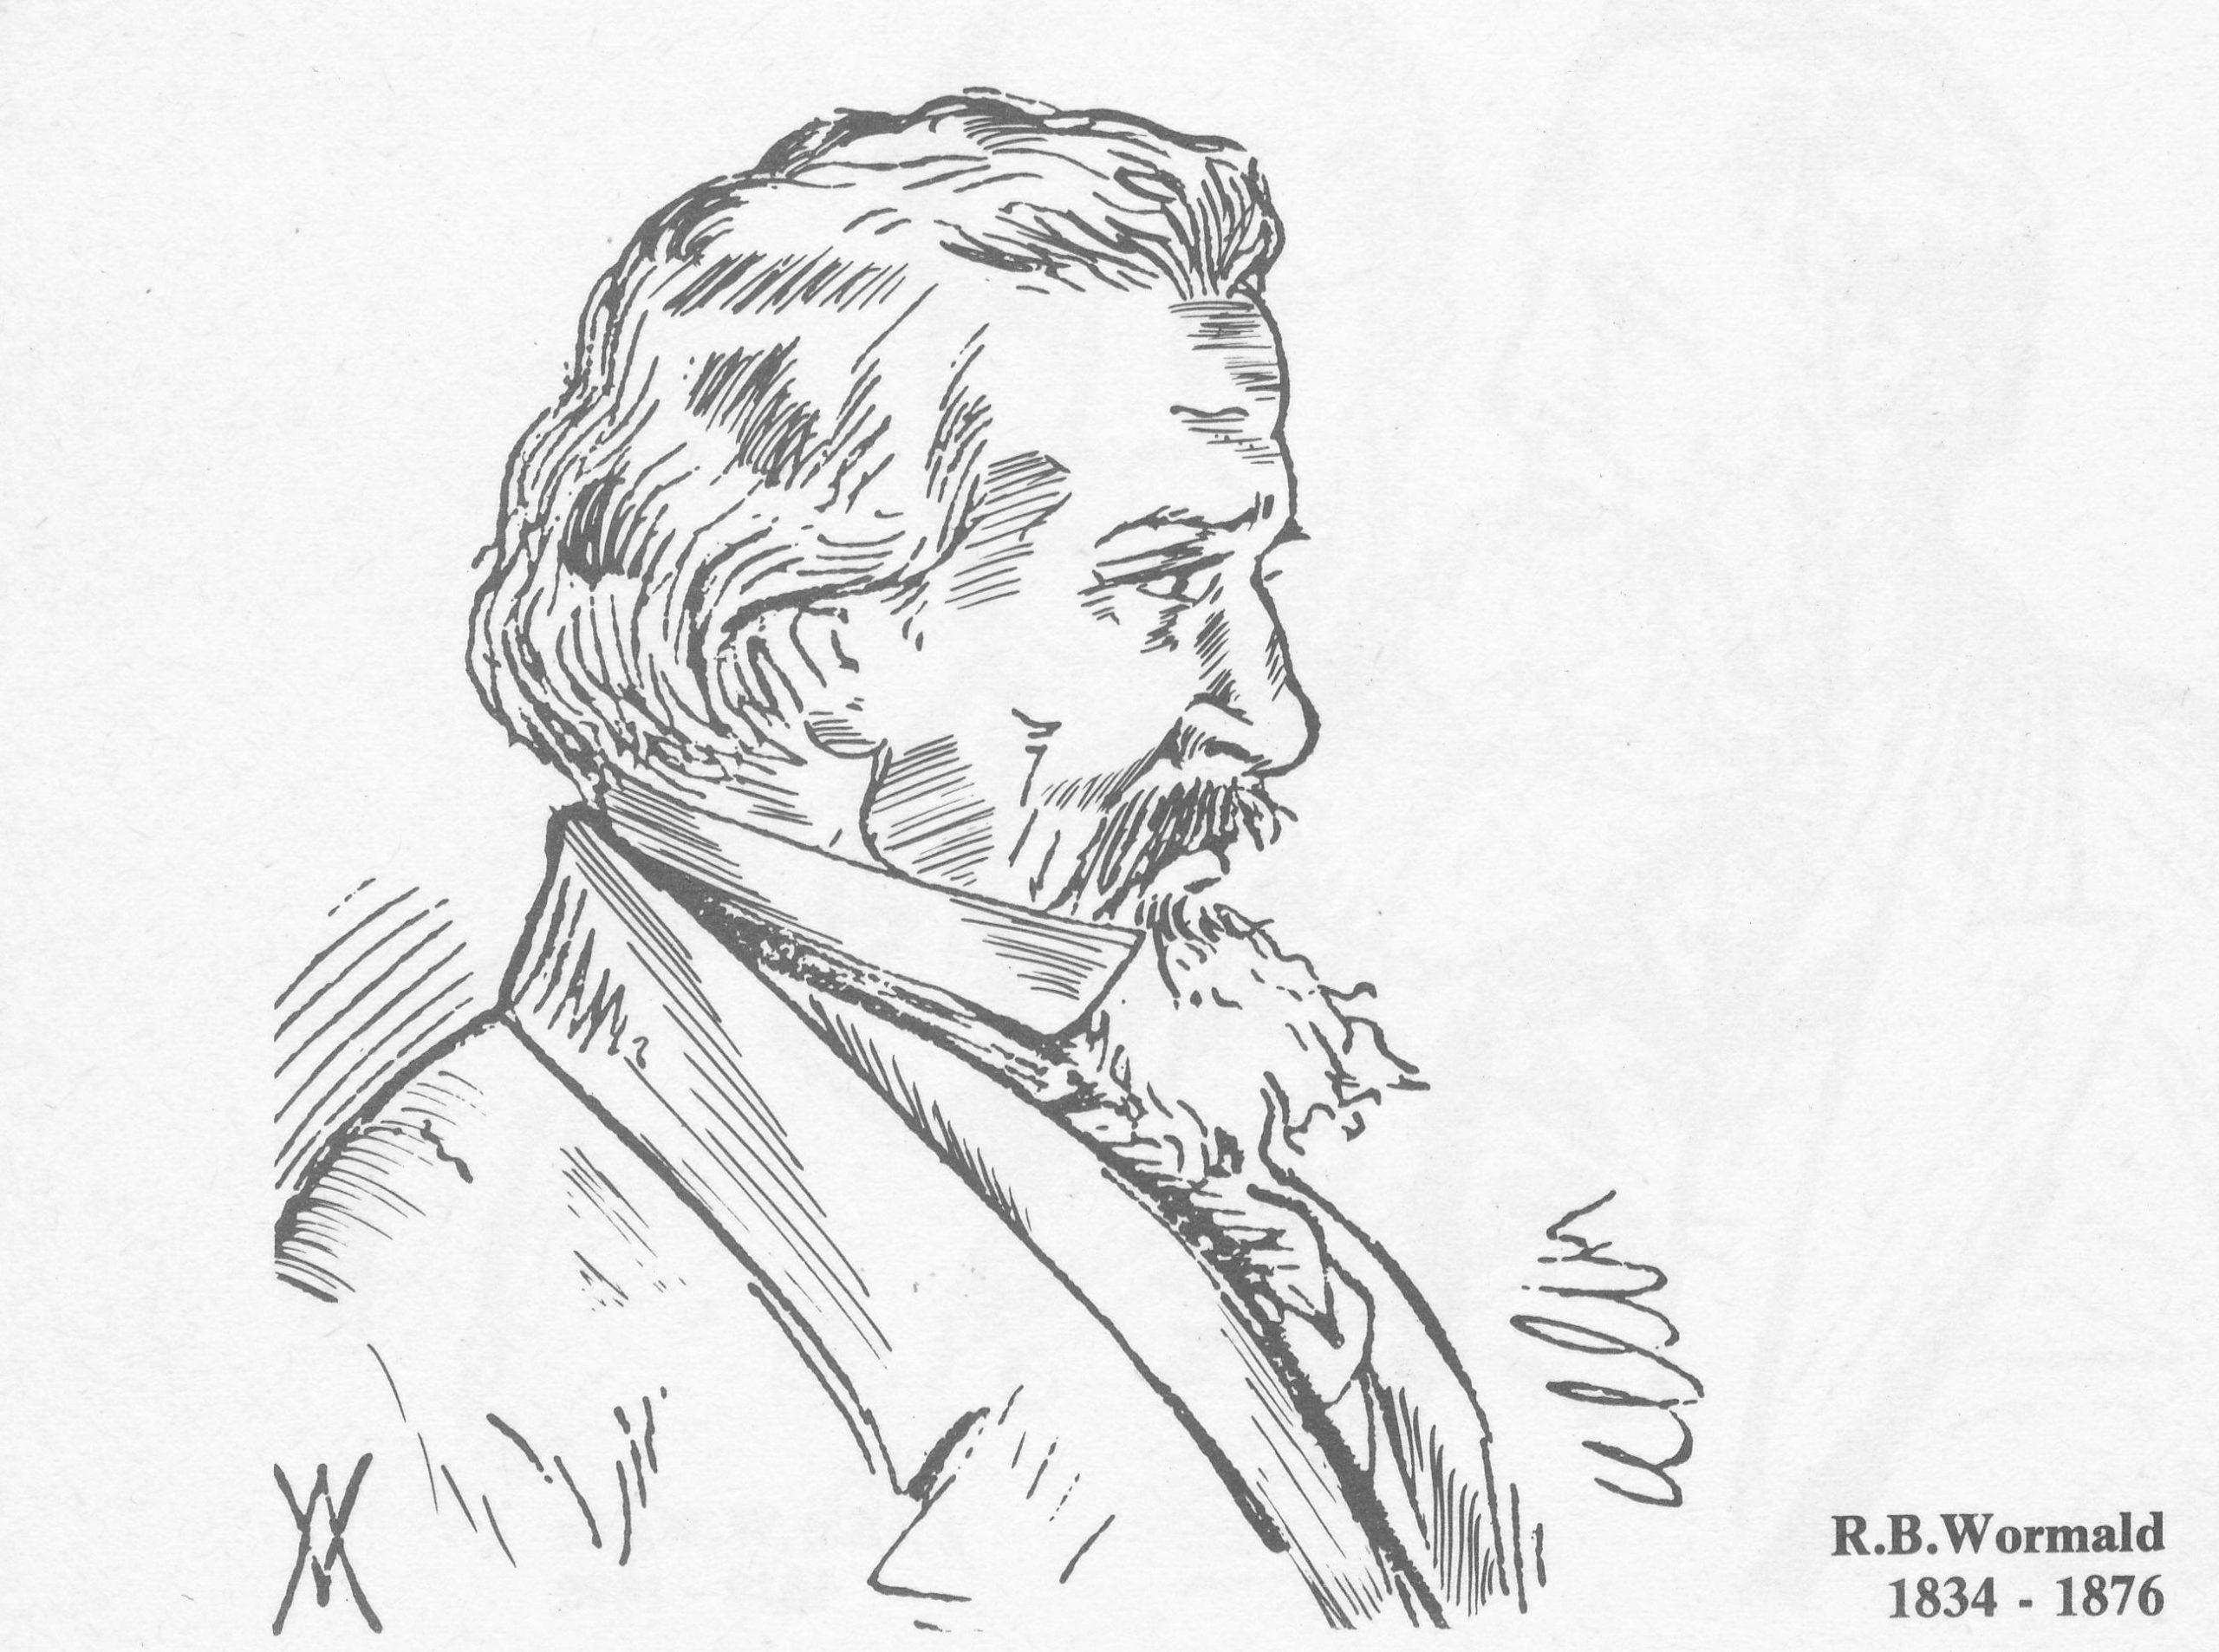 Robert Bownas Wormald (12-v-1834 04-xii-1876)